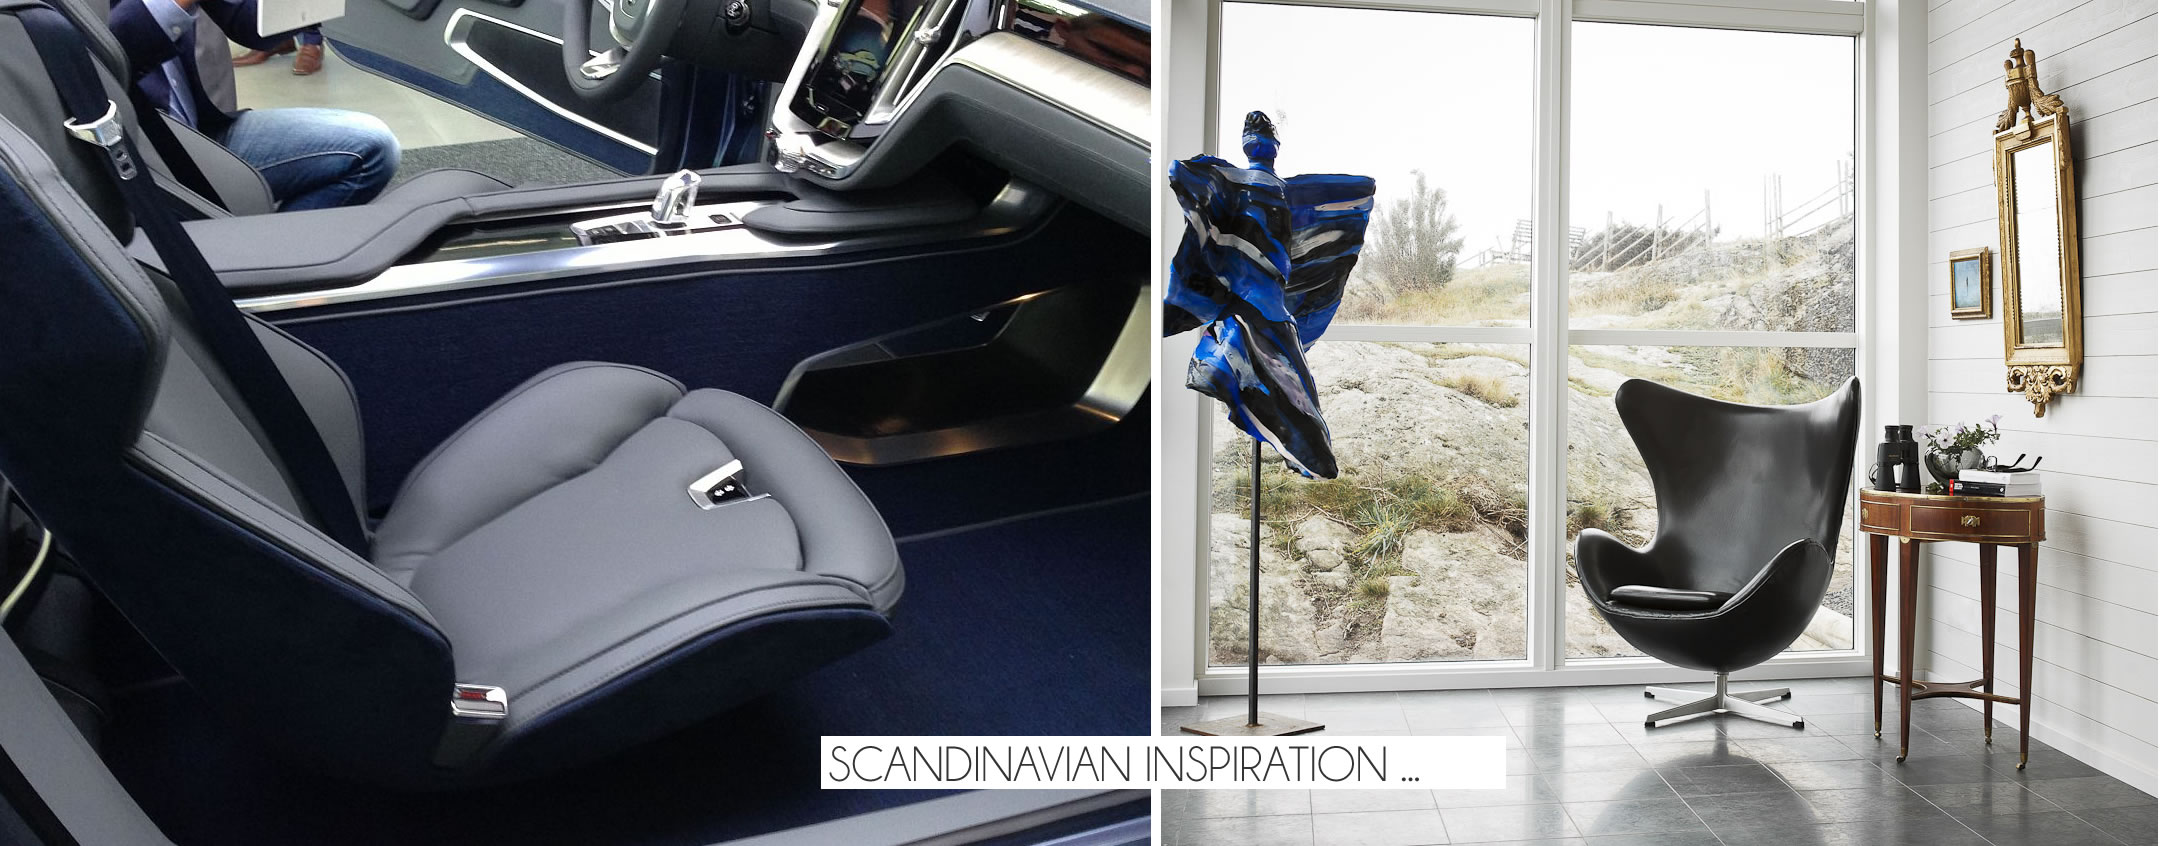 Коллаж фотографий: водительское кресло салона авто и домашнее кресло в интерьере гостиной